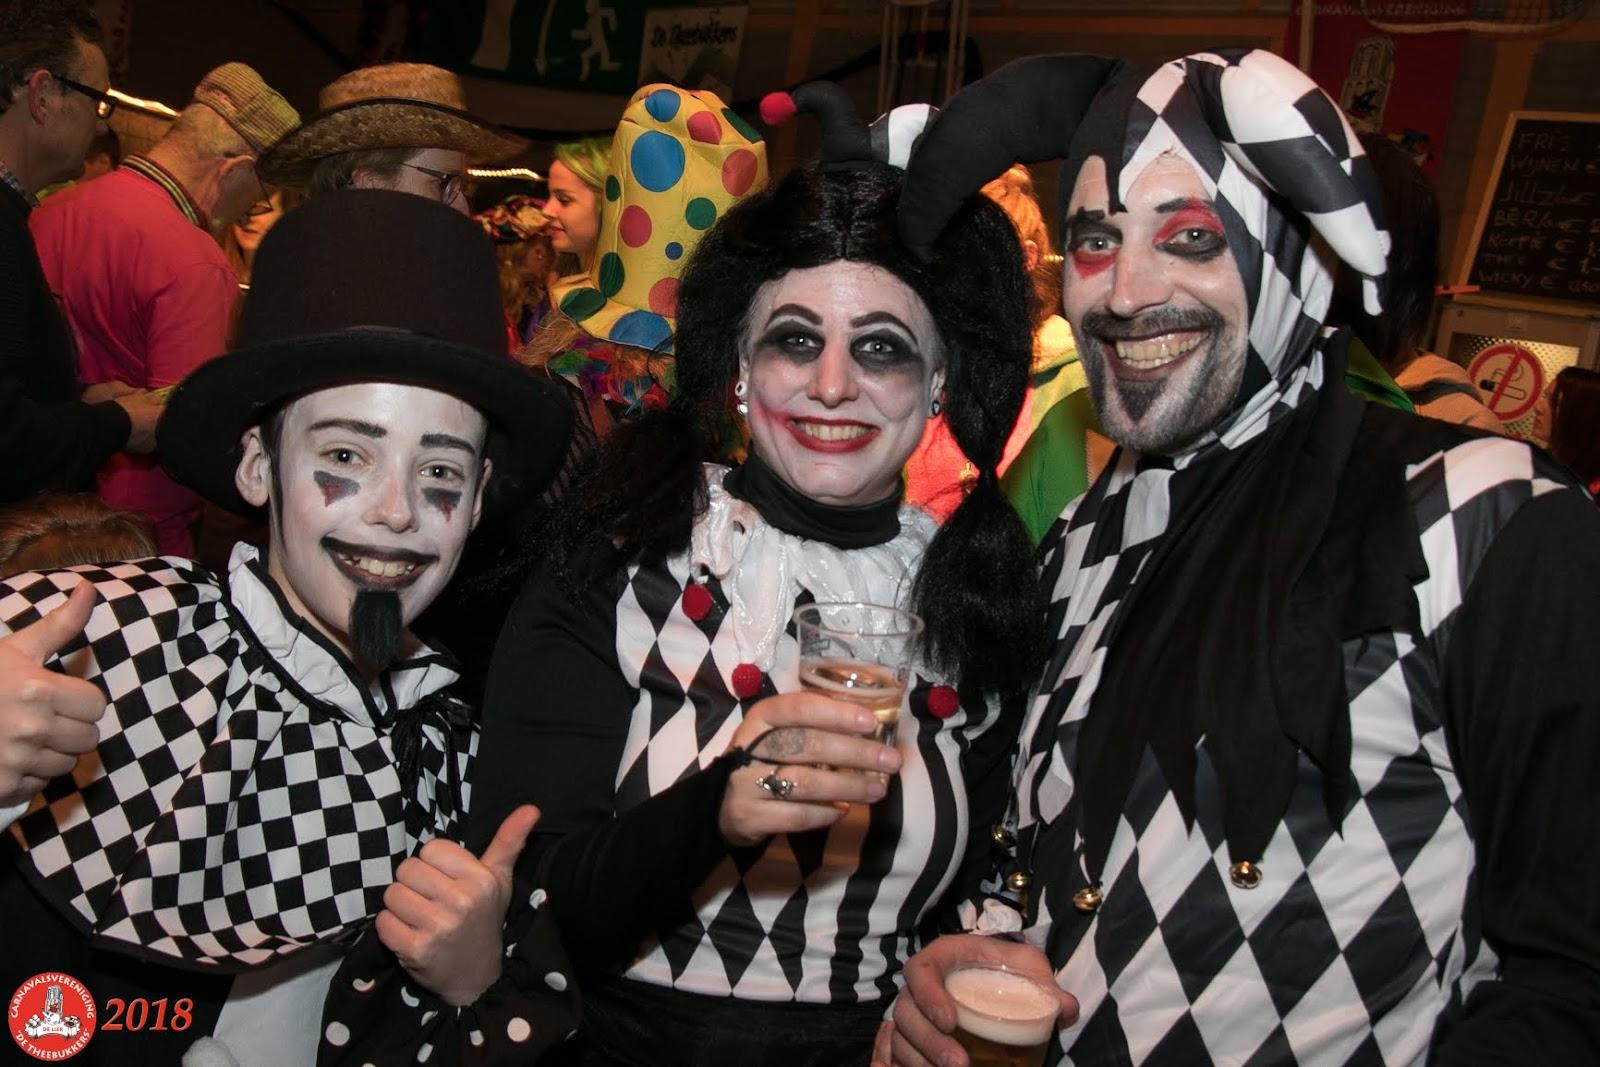 Familie Carnaval 2018 - FamilieCarnavalTheebukkers2018-2008.jpg